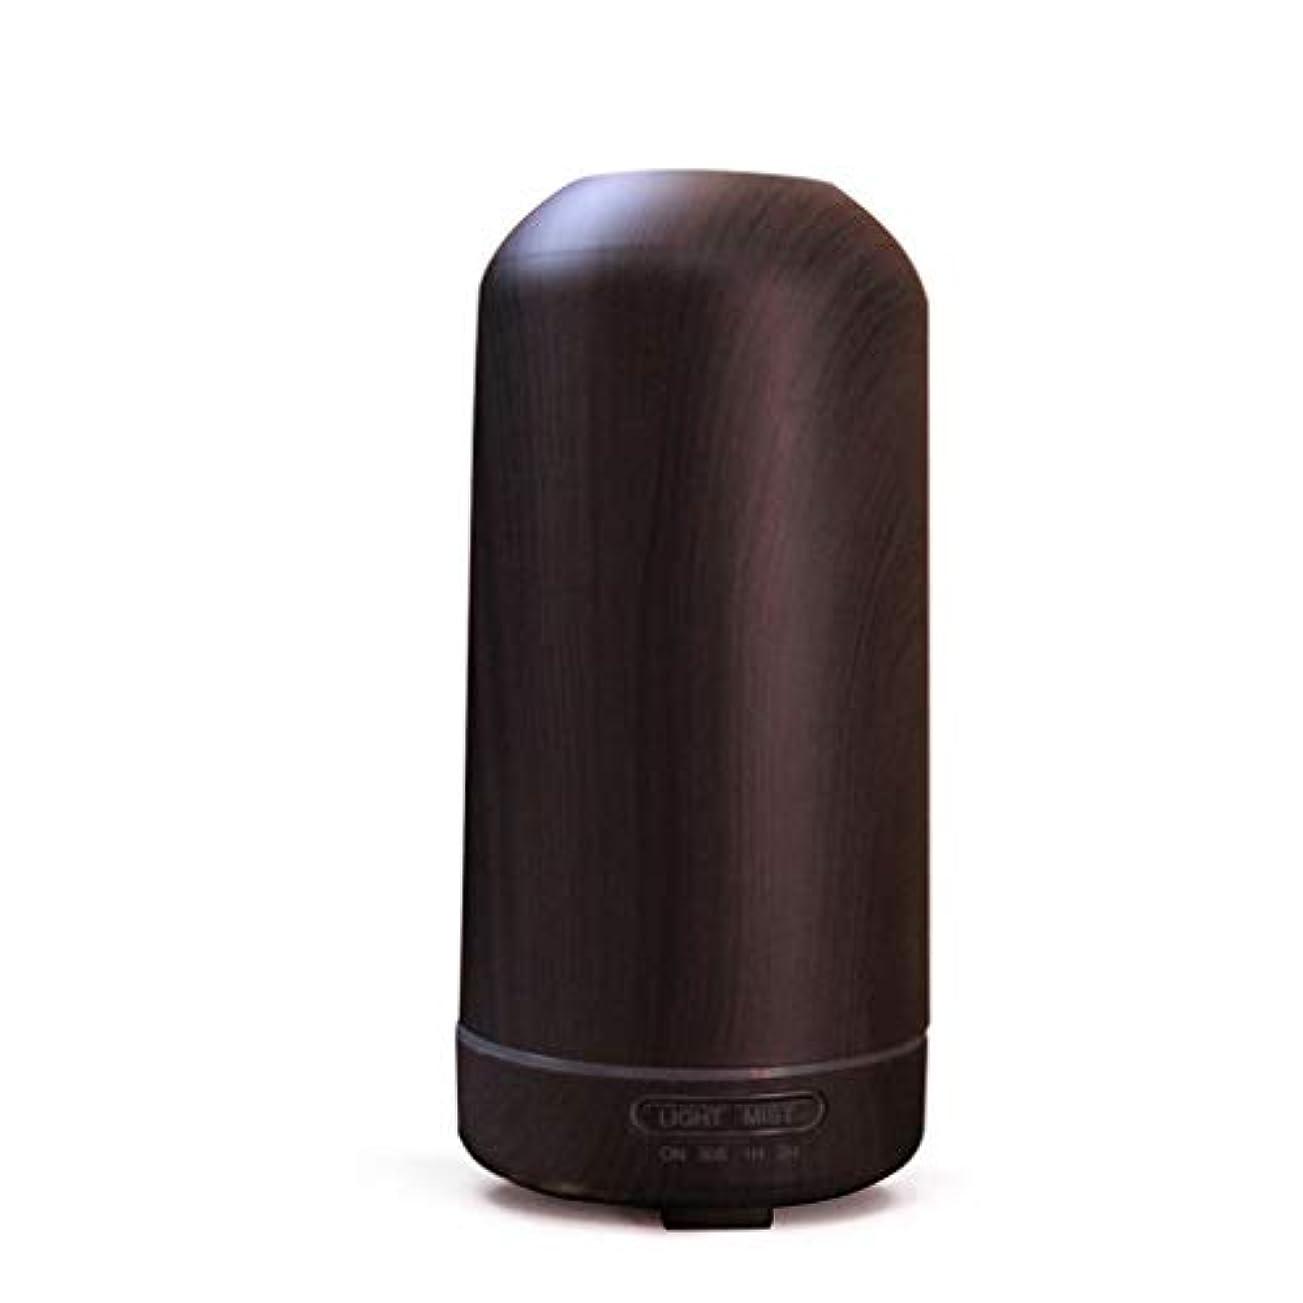 地下鉄評価かんたん100ミリリットル超音波クールミスト加湿器カラーLEDライト付きホームヨガオフィススパ寝室ベビールーム - ウッドグレインディフューザー (Color : Dark wood grain)